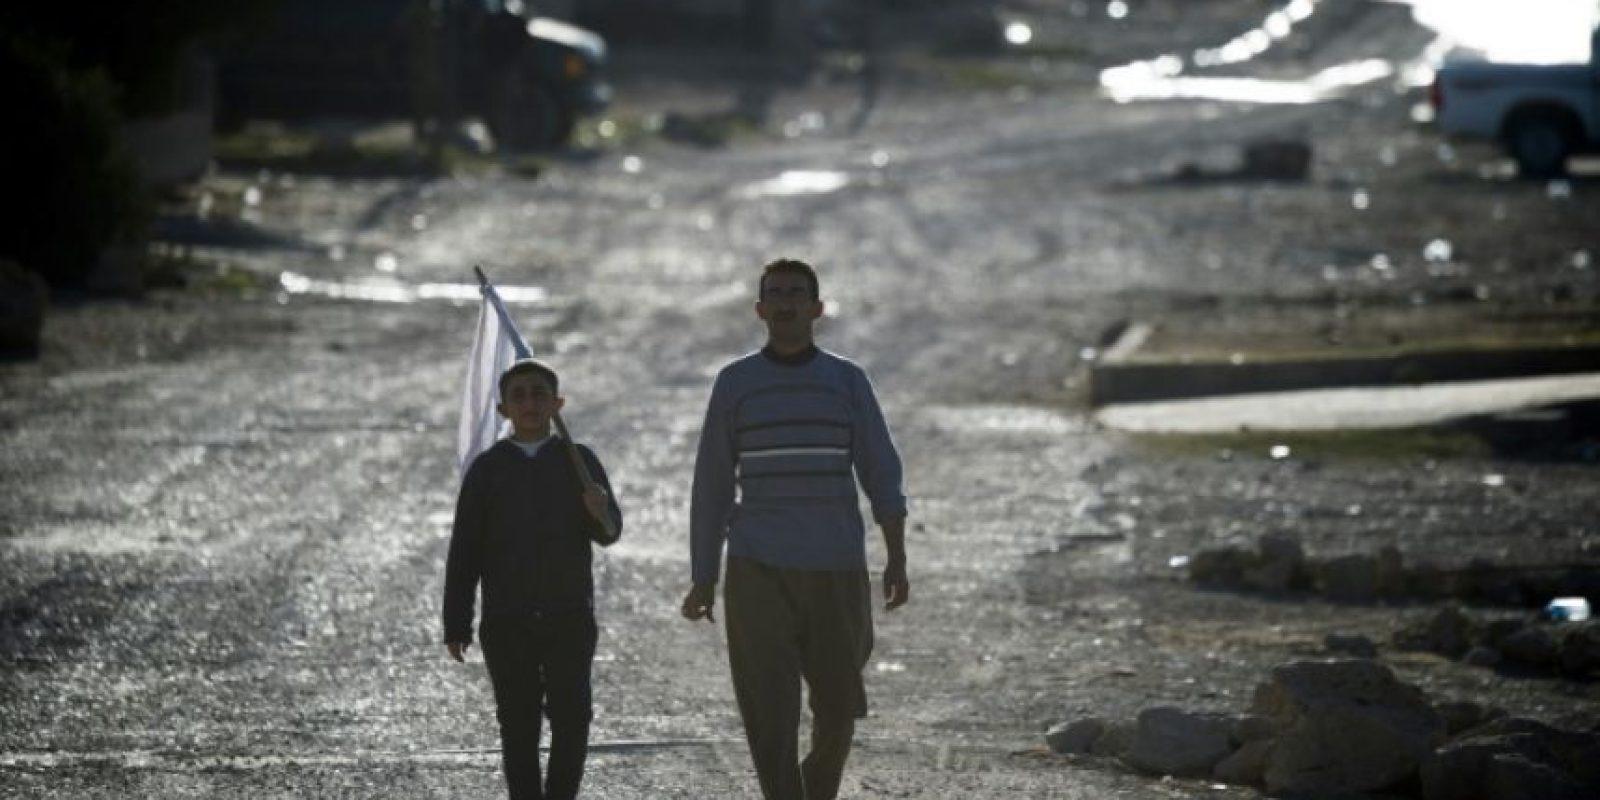 Un niño con una bandera blanca en señal de que es pacífico y su padre se acercan a las fuerzas de élite iraquíes en Tal Adh-Dhahab, unos 10 kilómetros al sur de Mosul el 19 de noviembre de 2016 Foto:Odd Andersen/afp.com